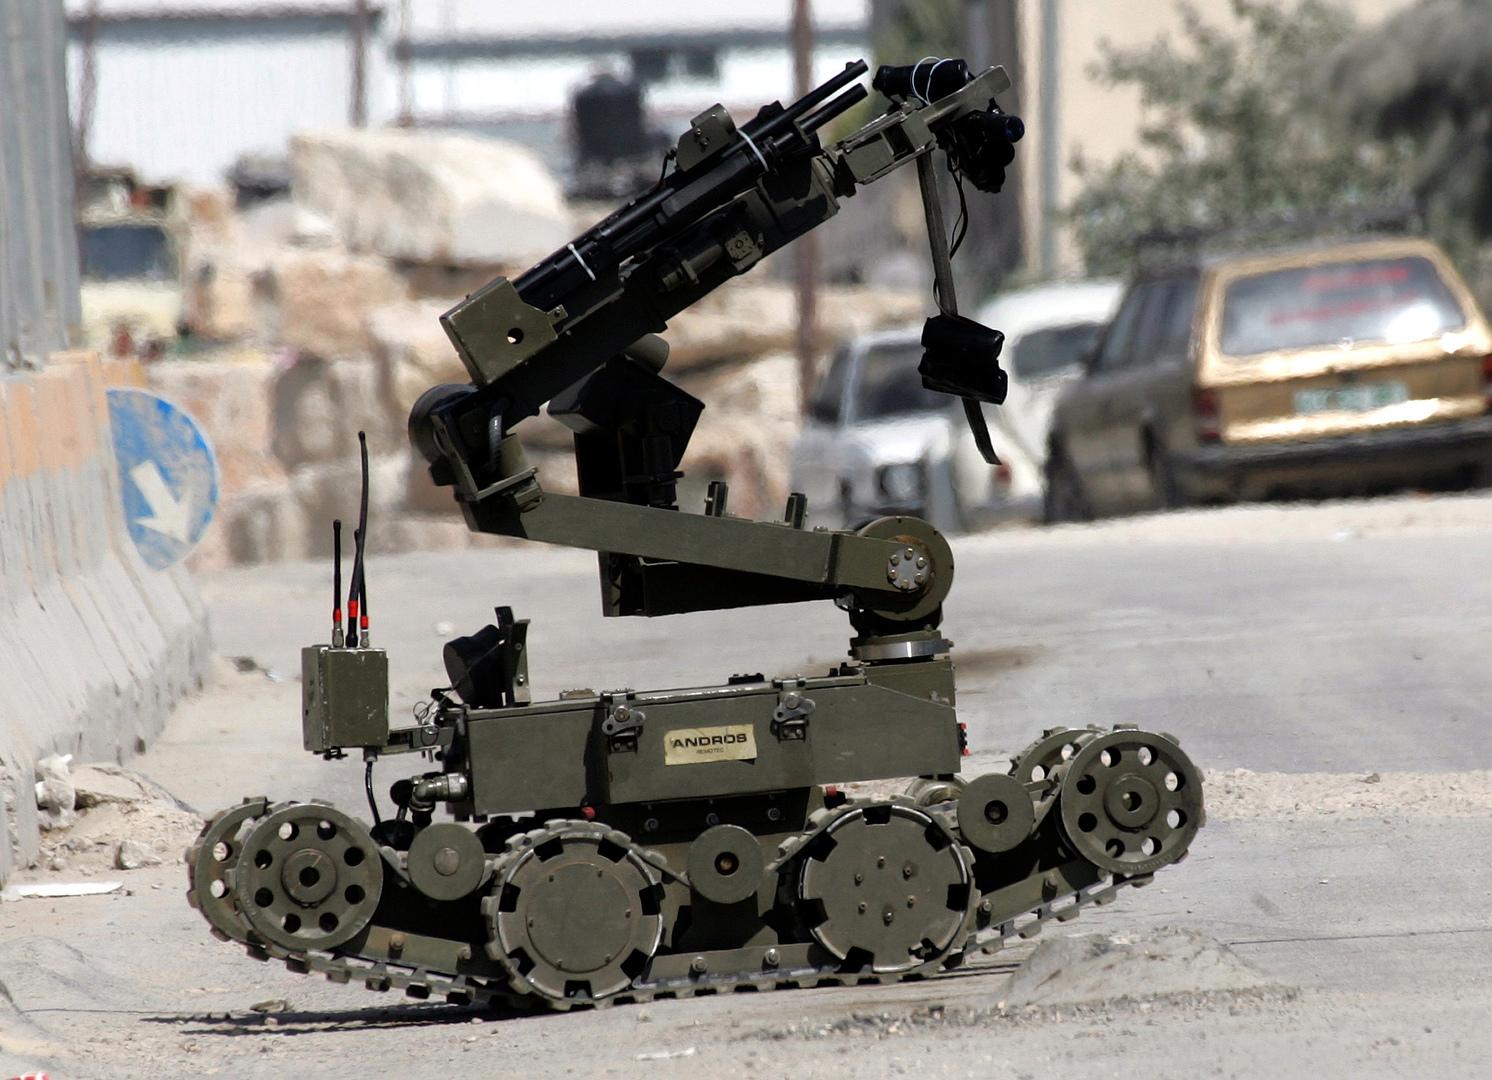 القناة الـ12 الإسرائيلية تكشف عن معمل سري لصناعة وتطوير الأسلحة الروبوتية